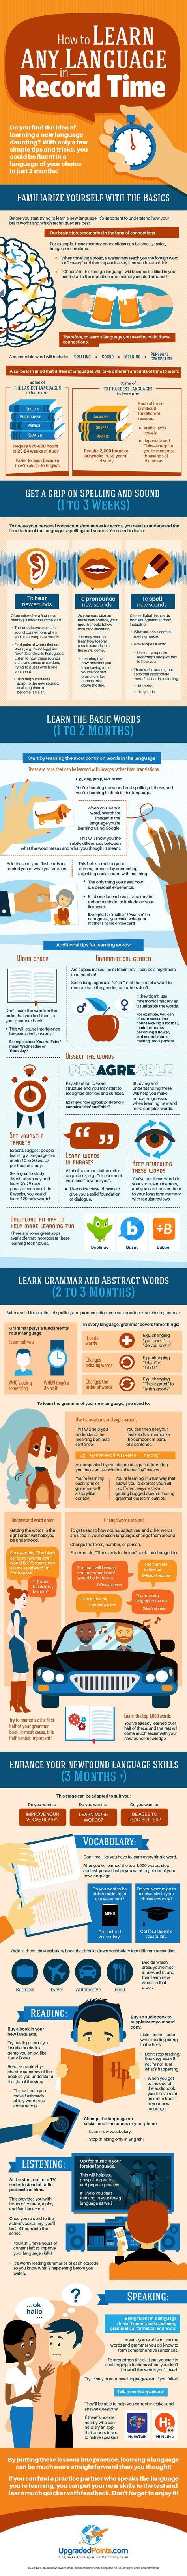 Aprenda qualquer idioma em tempo recorde seguindo estas dicas - InfoMoney